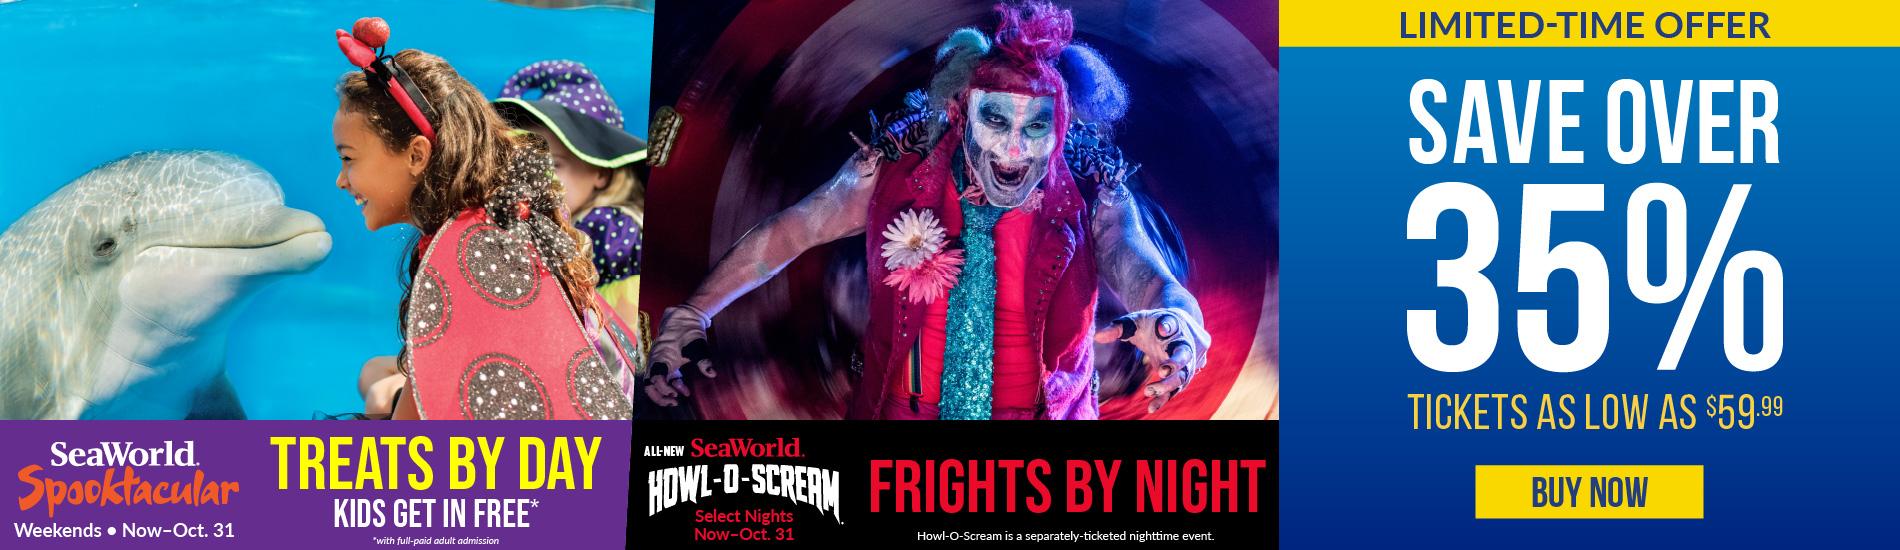 Howl-O-Scream, Spook, Tickets